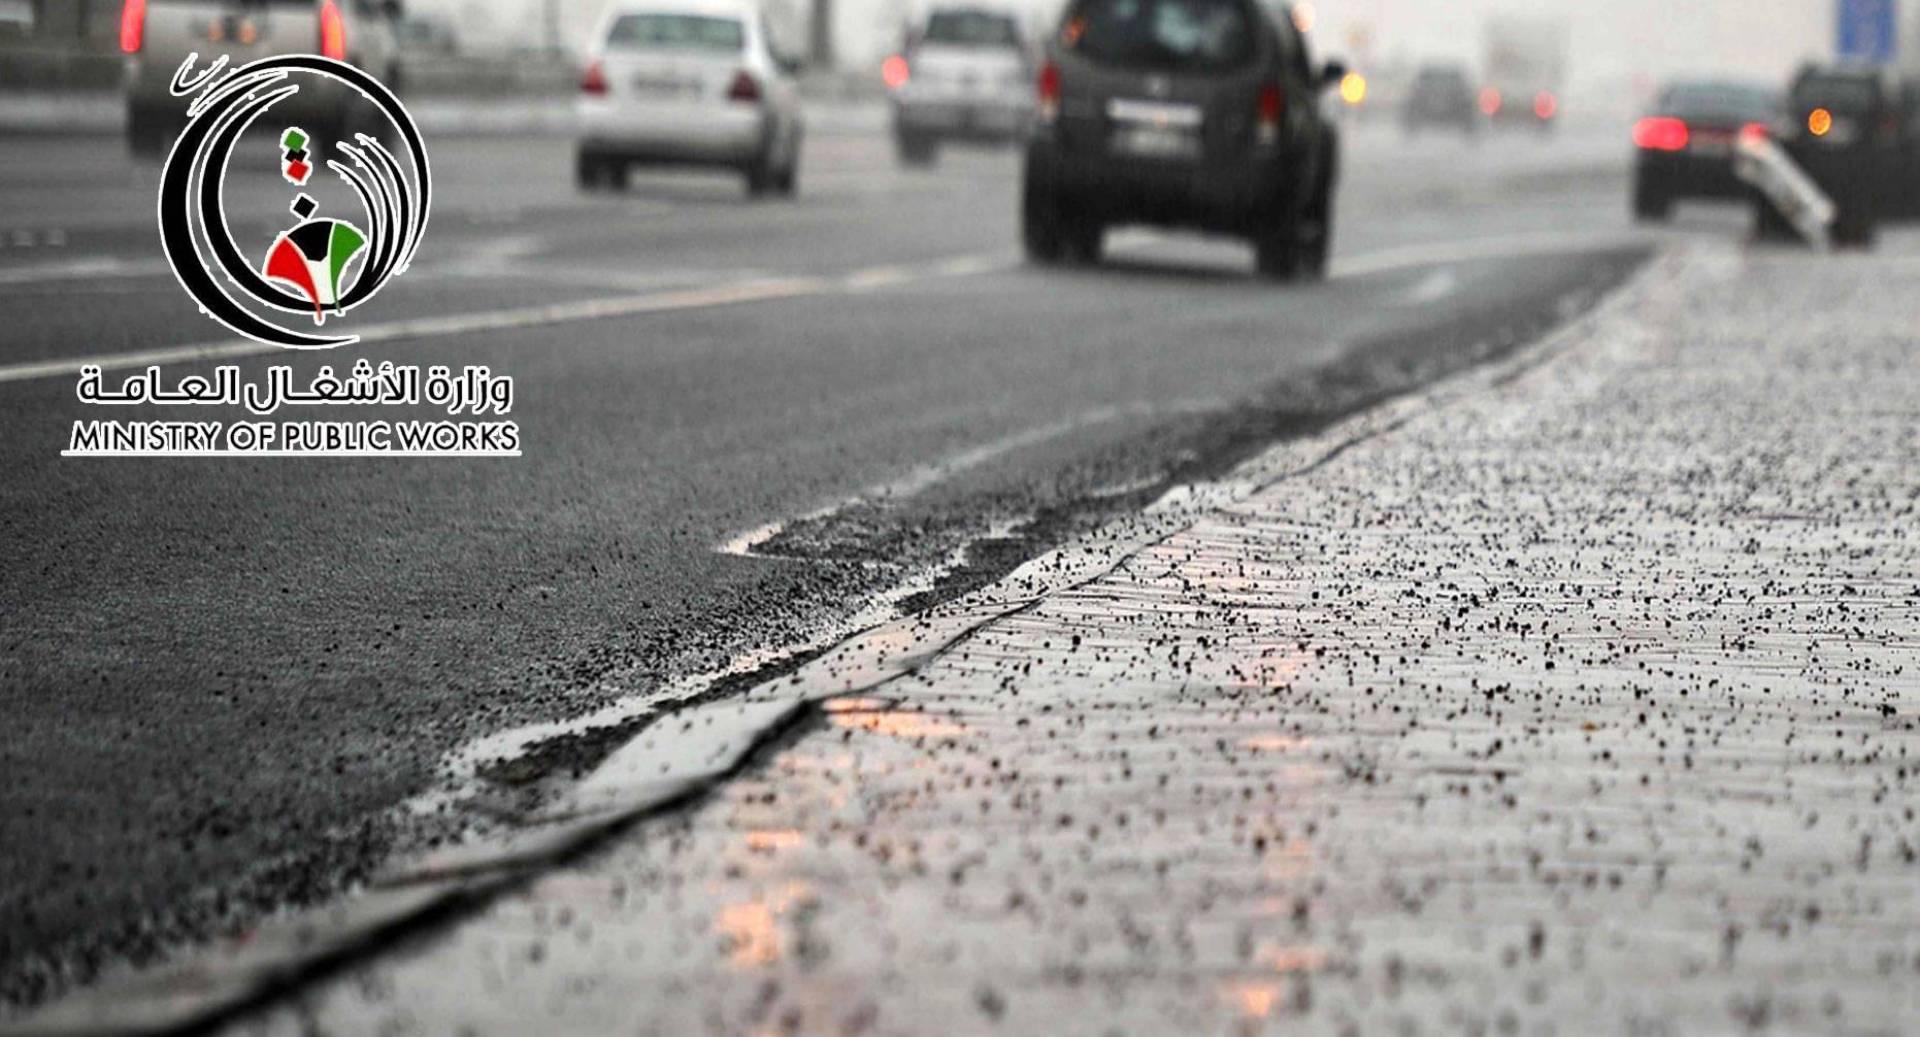 «الأشغال»: تعاملنا مع 333 بلاغاً لإصلاحات الطرق في أسبوع